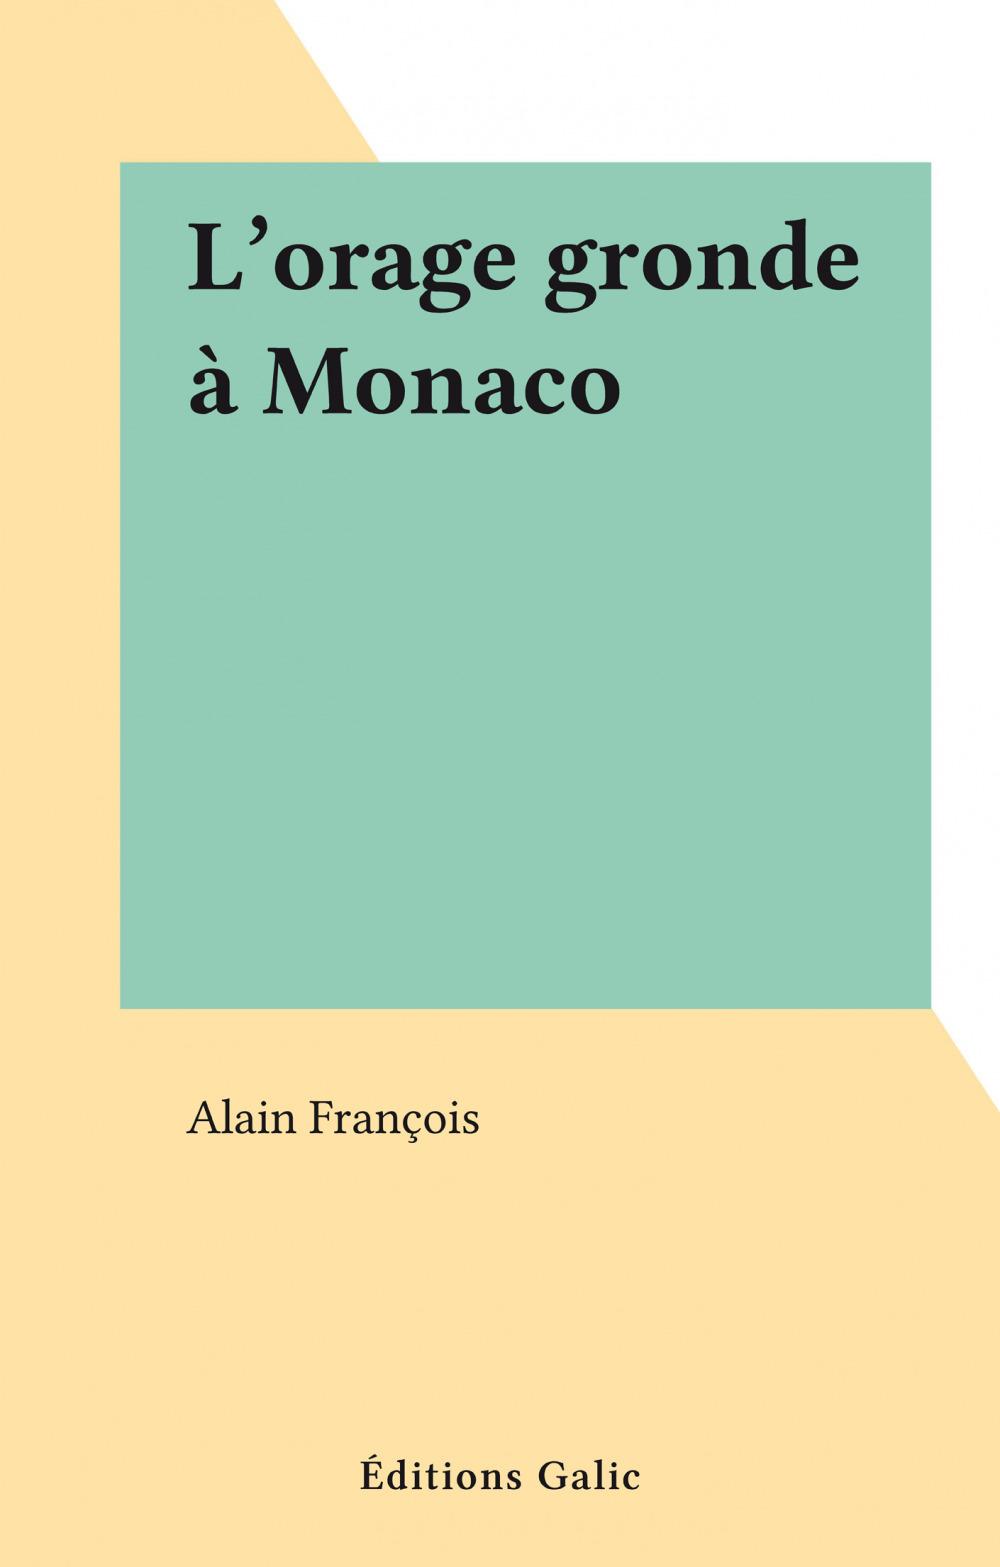 L'orage gronde à Monaco